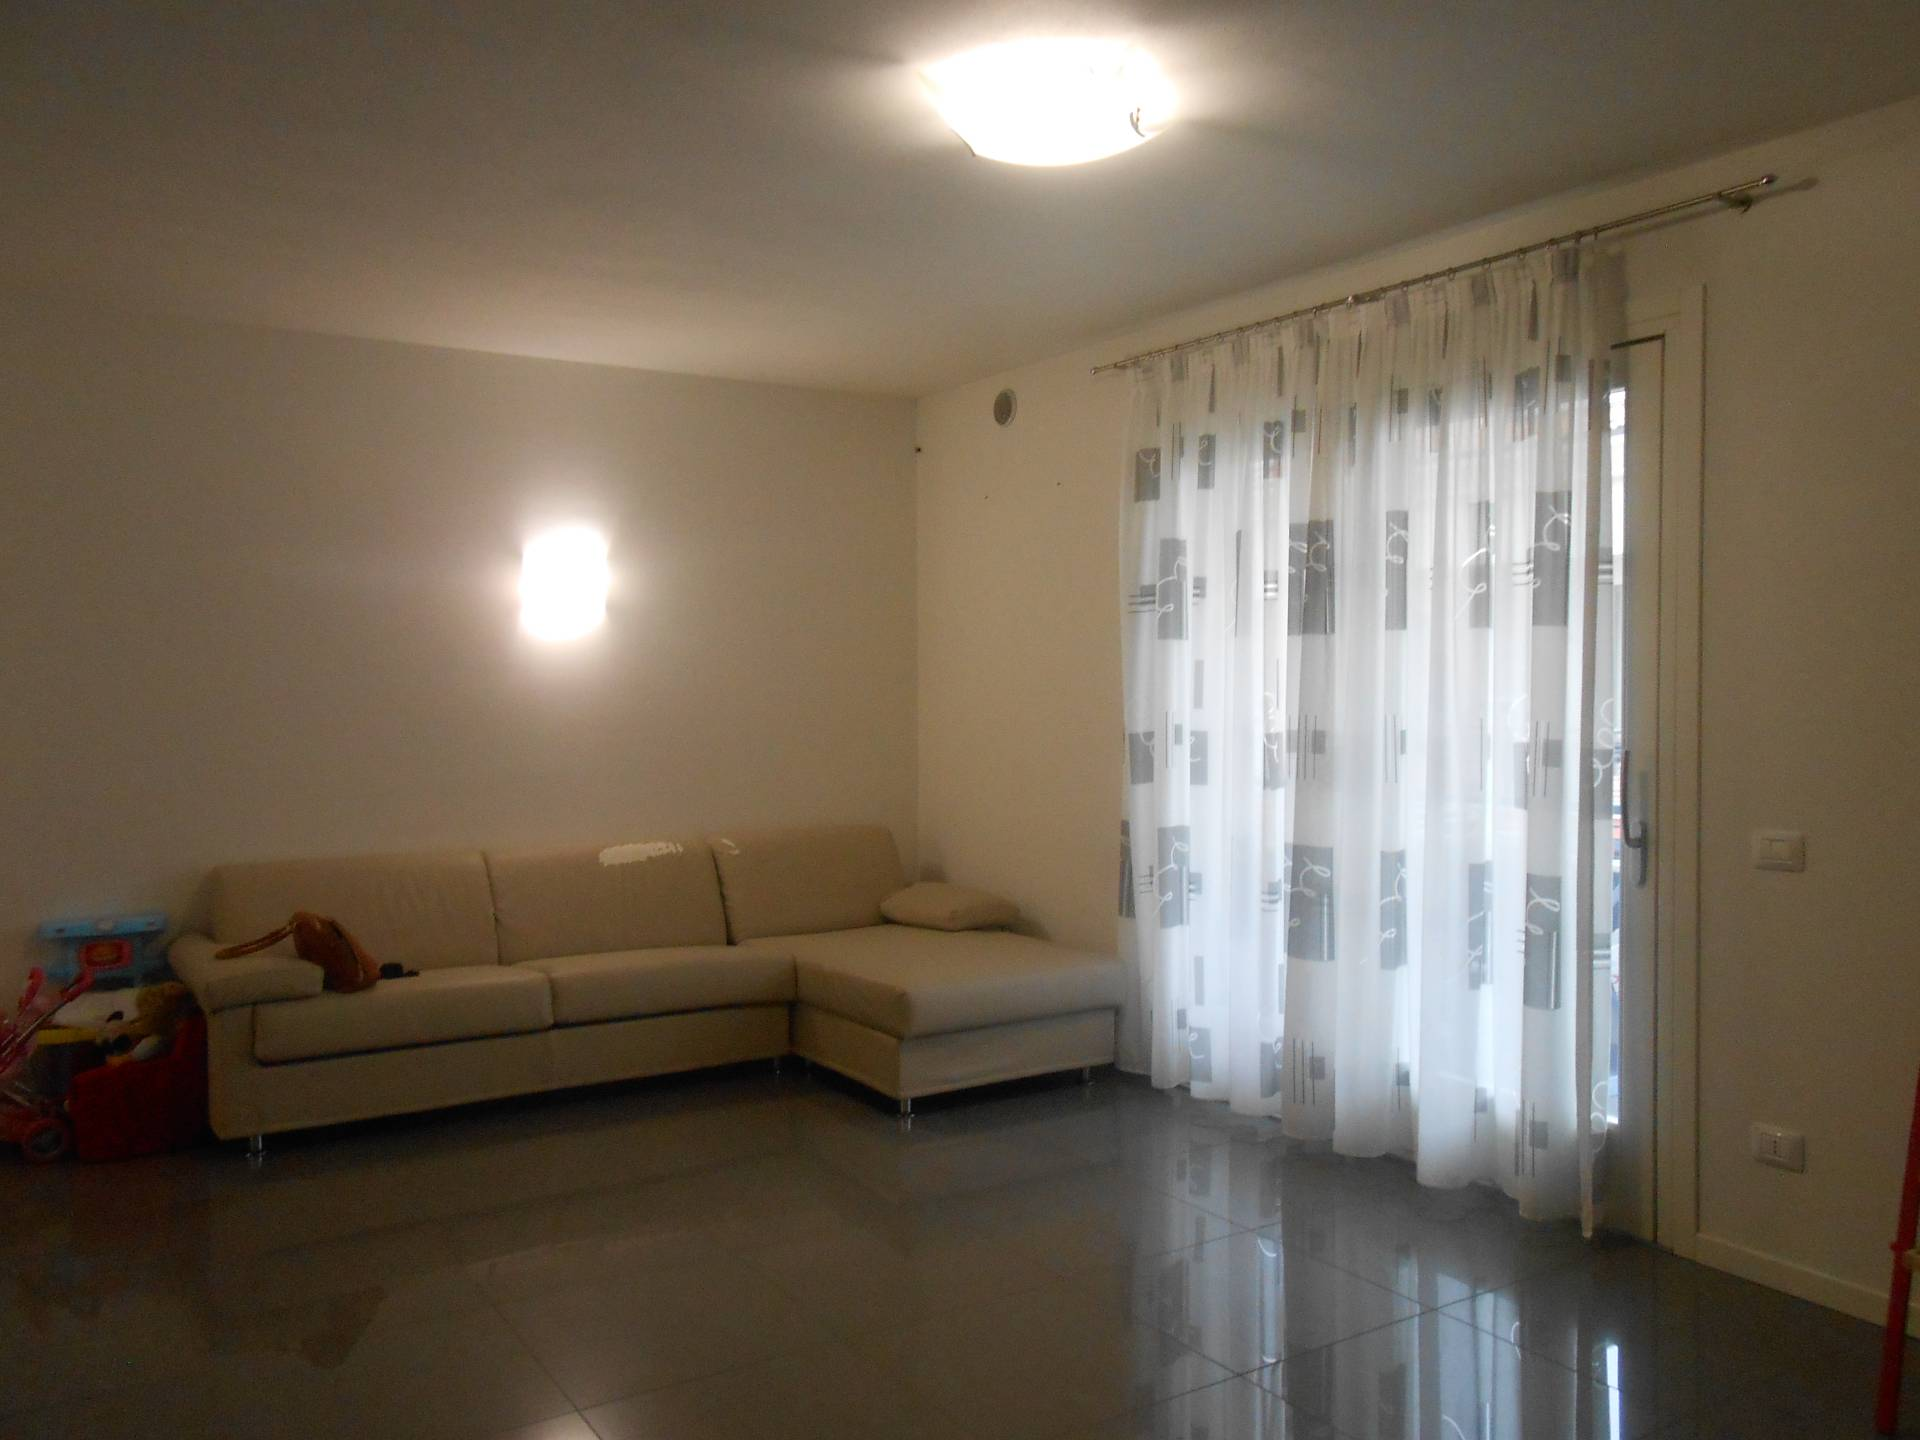 Appartamento in vendita a Santa Lucia di Piave, 6 locali, prezzo € 175.000 | Cambio Casa.it